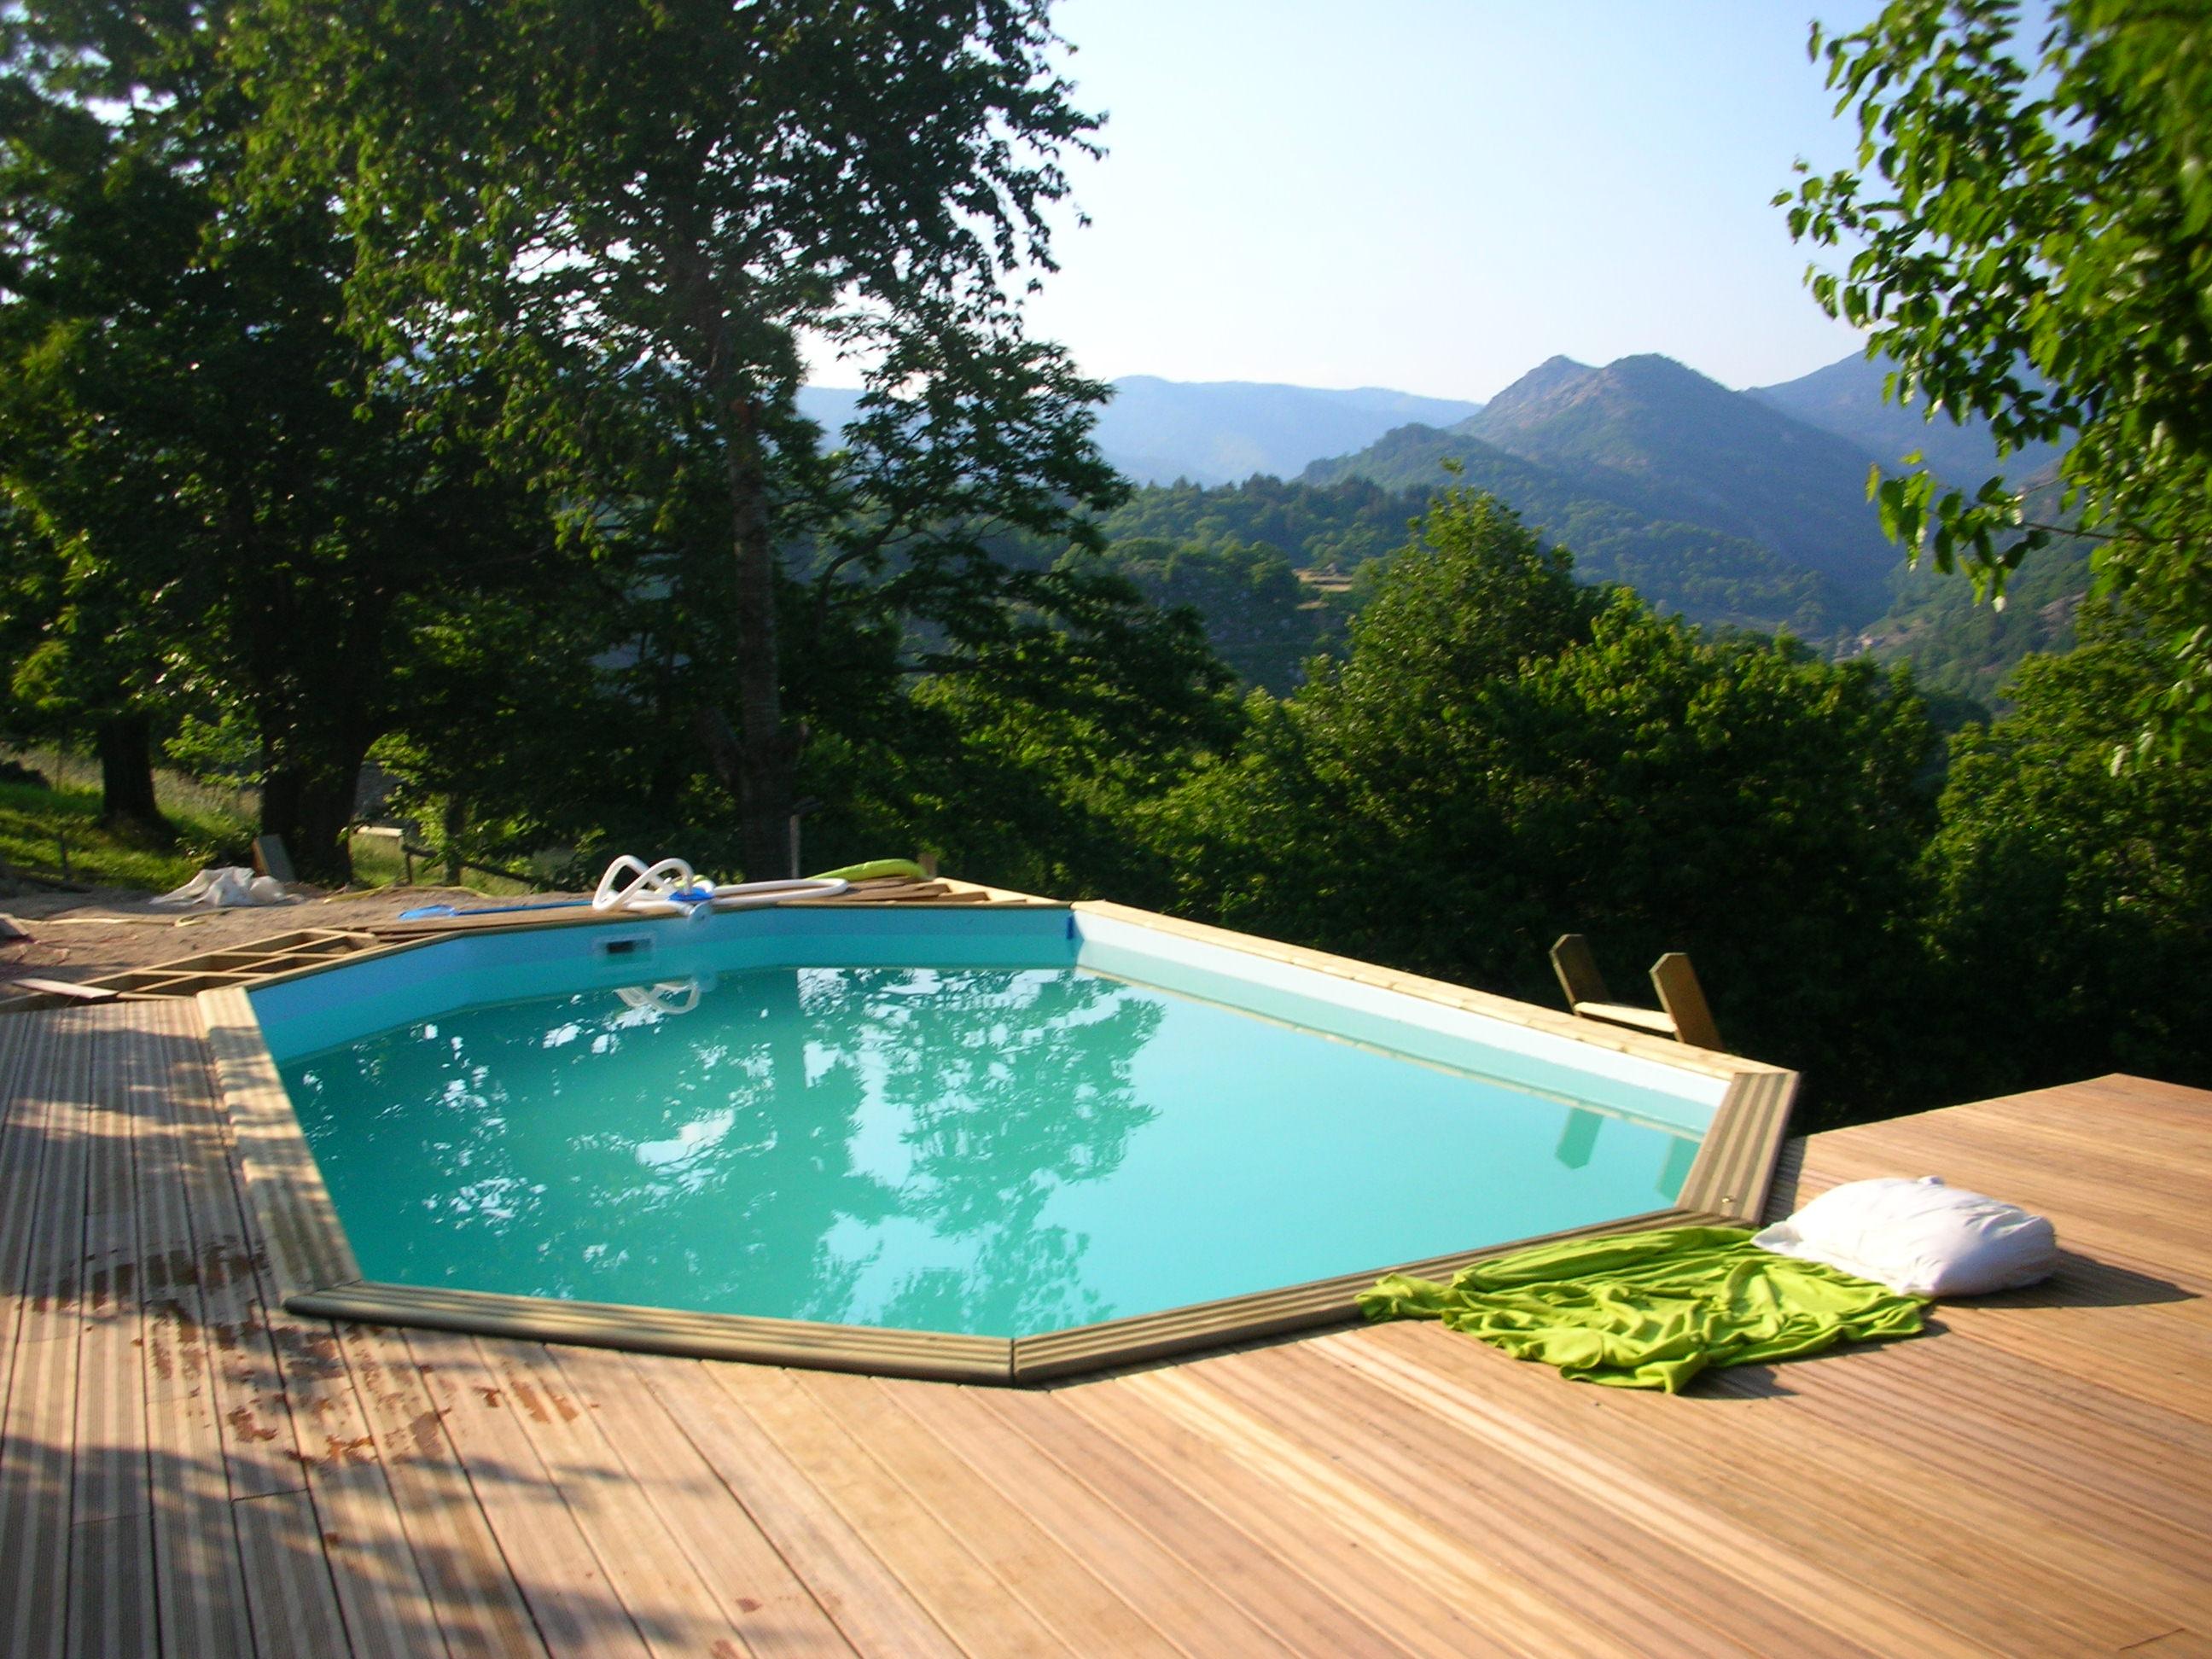 Piscines bois hors sol pas cher terrasse bois piscine - Realiser sa piscine ...